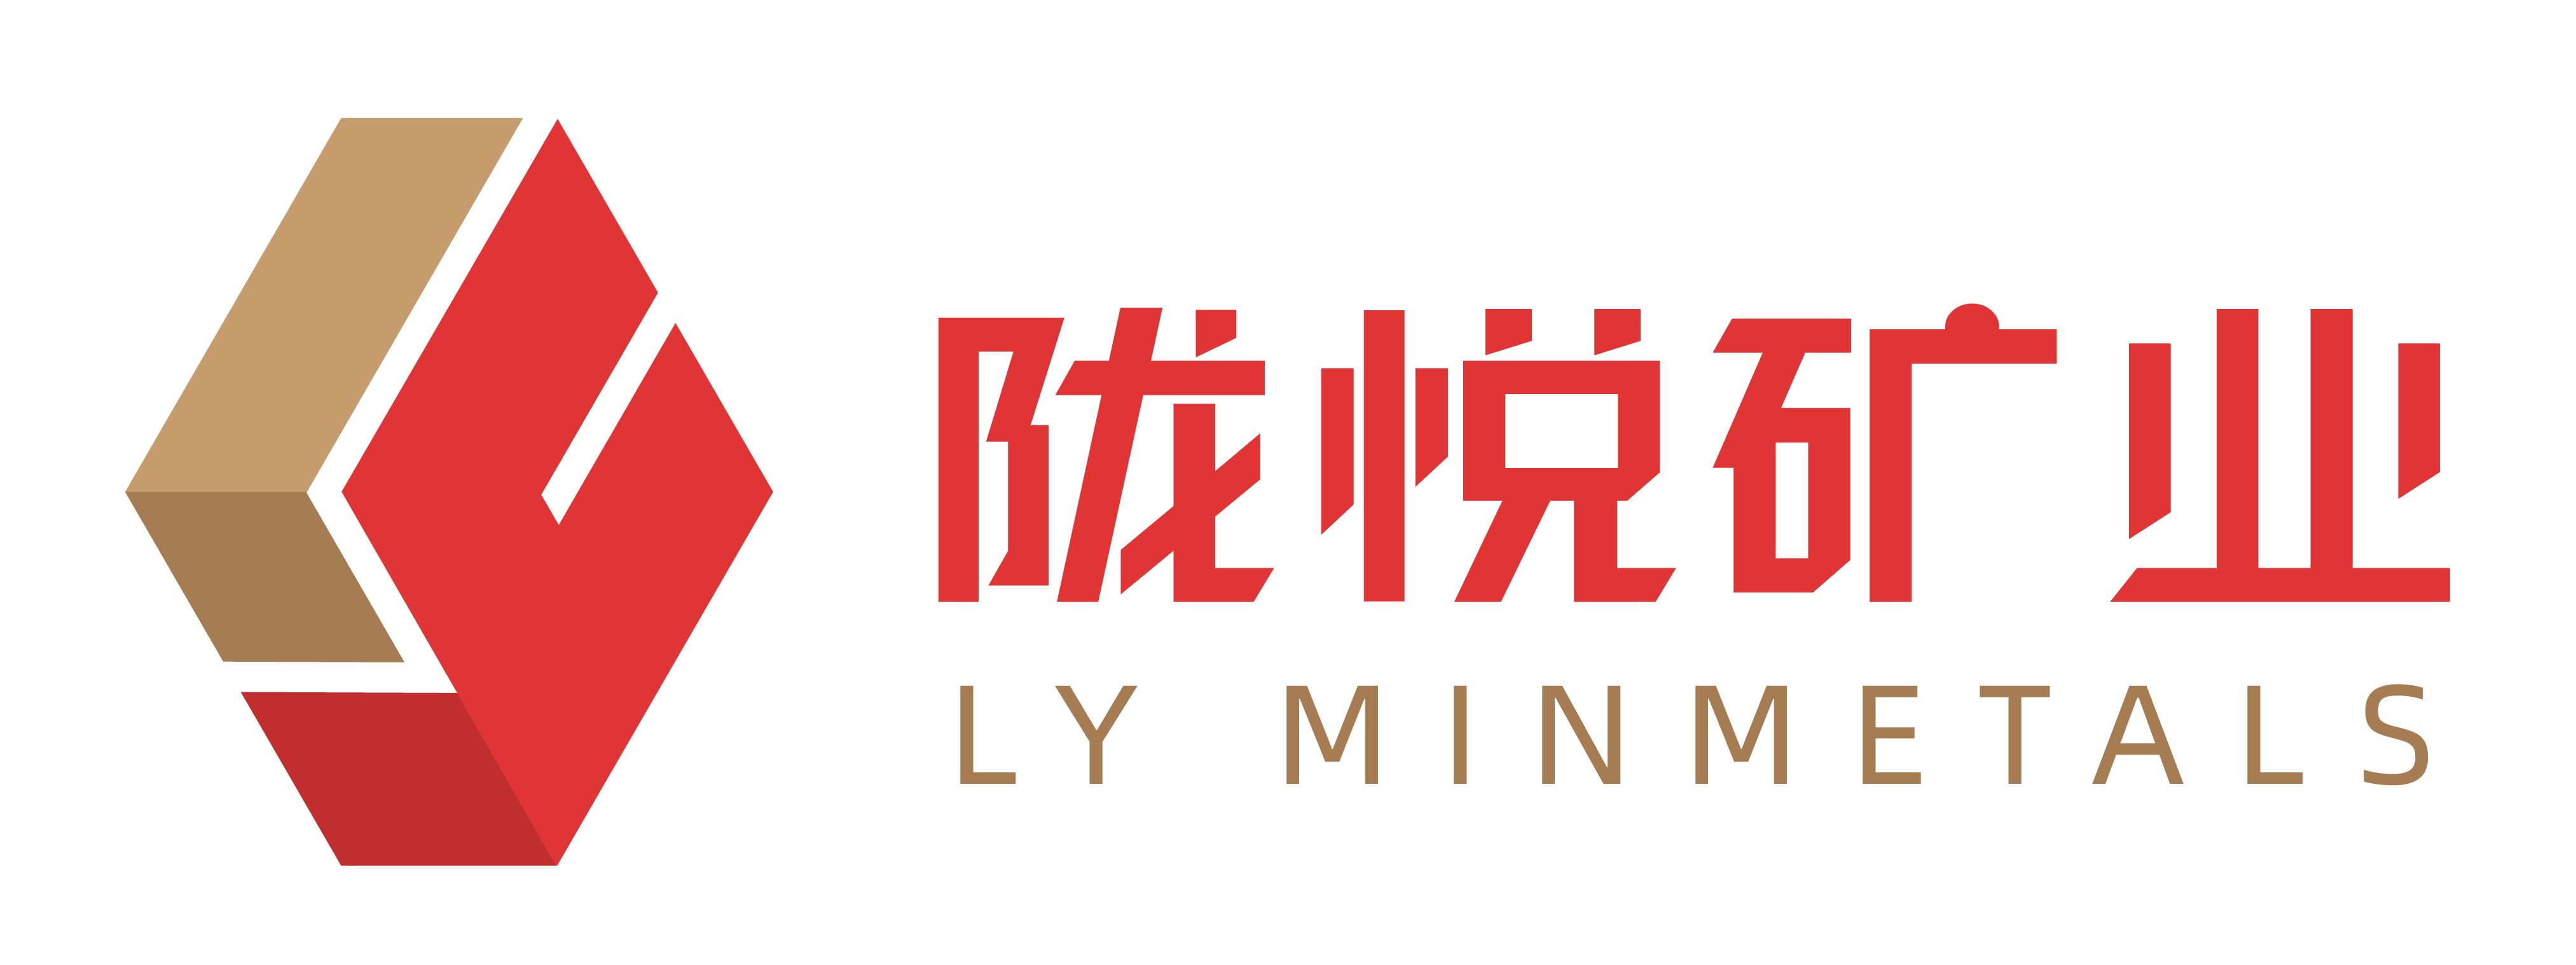 北京陇悦官方网站